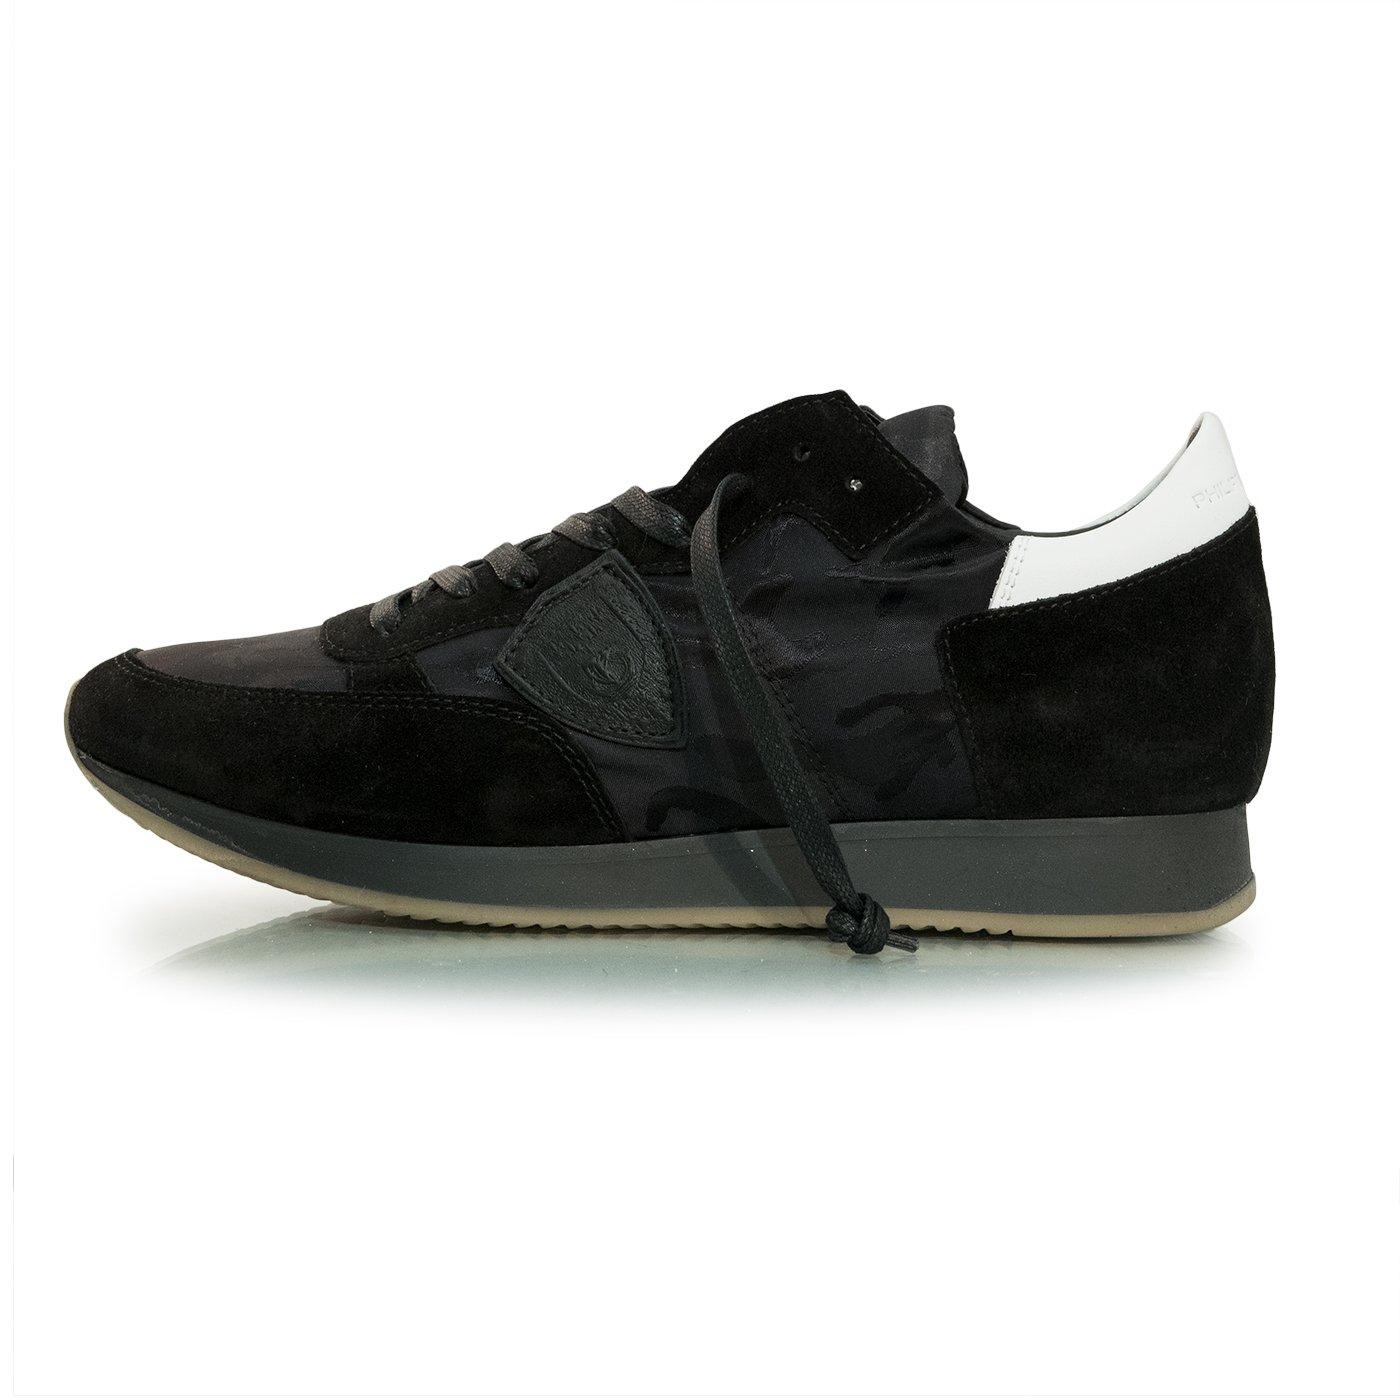 Philippe Model Zapatillas de Piel Para Hombre CamoBlack 43 EU